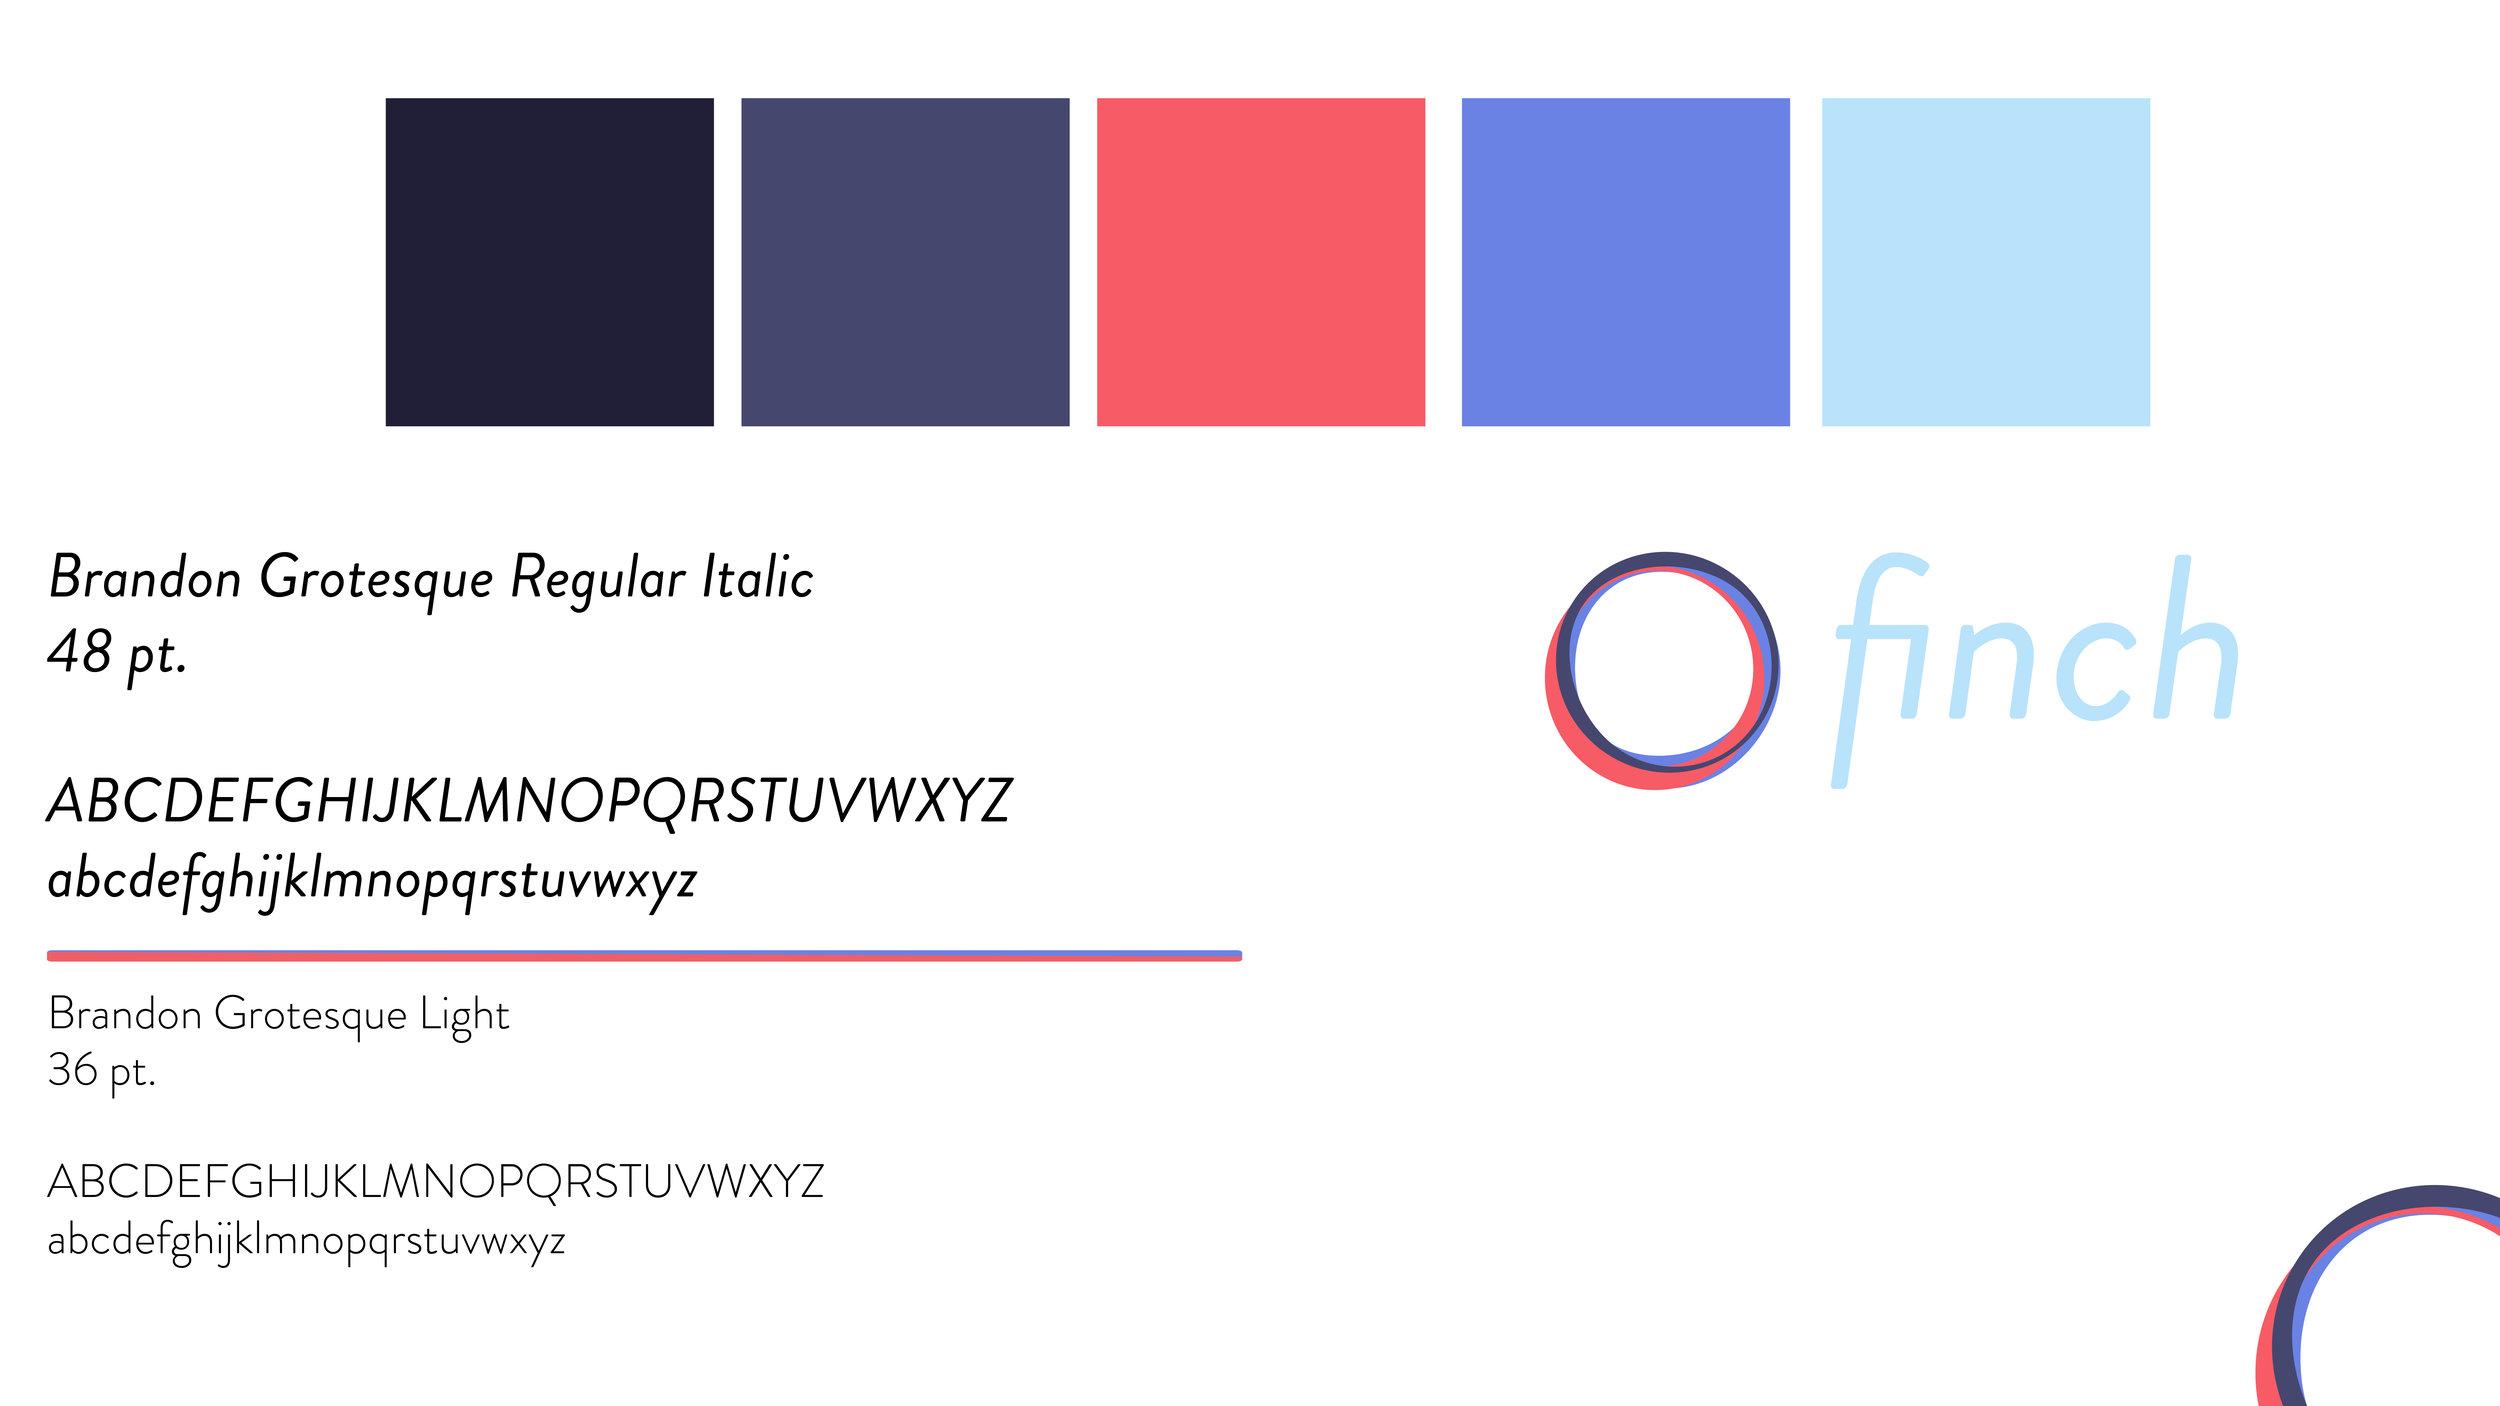 Finch-brand-identity.jpg